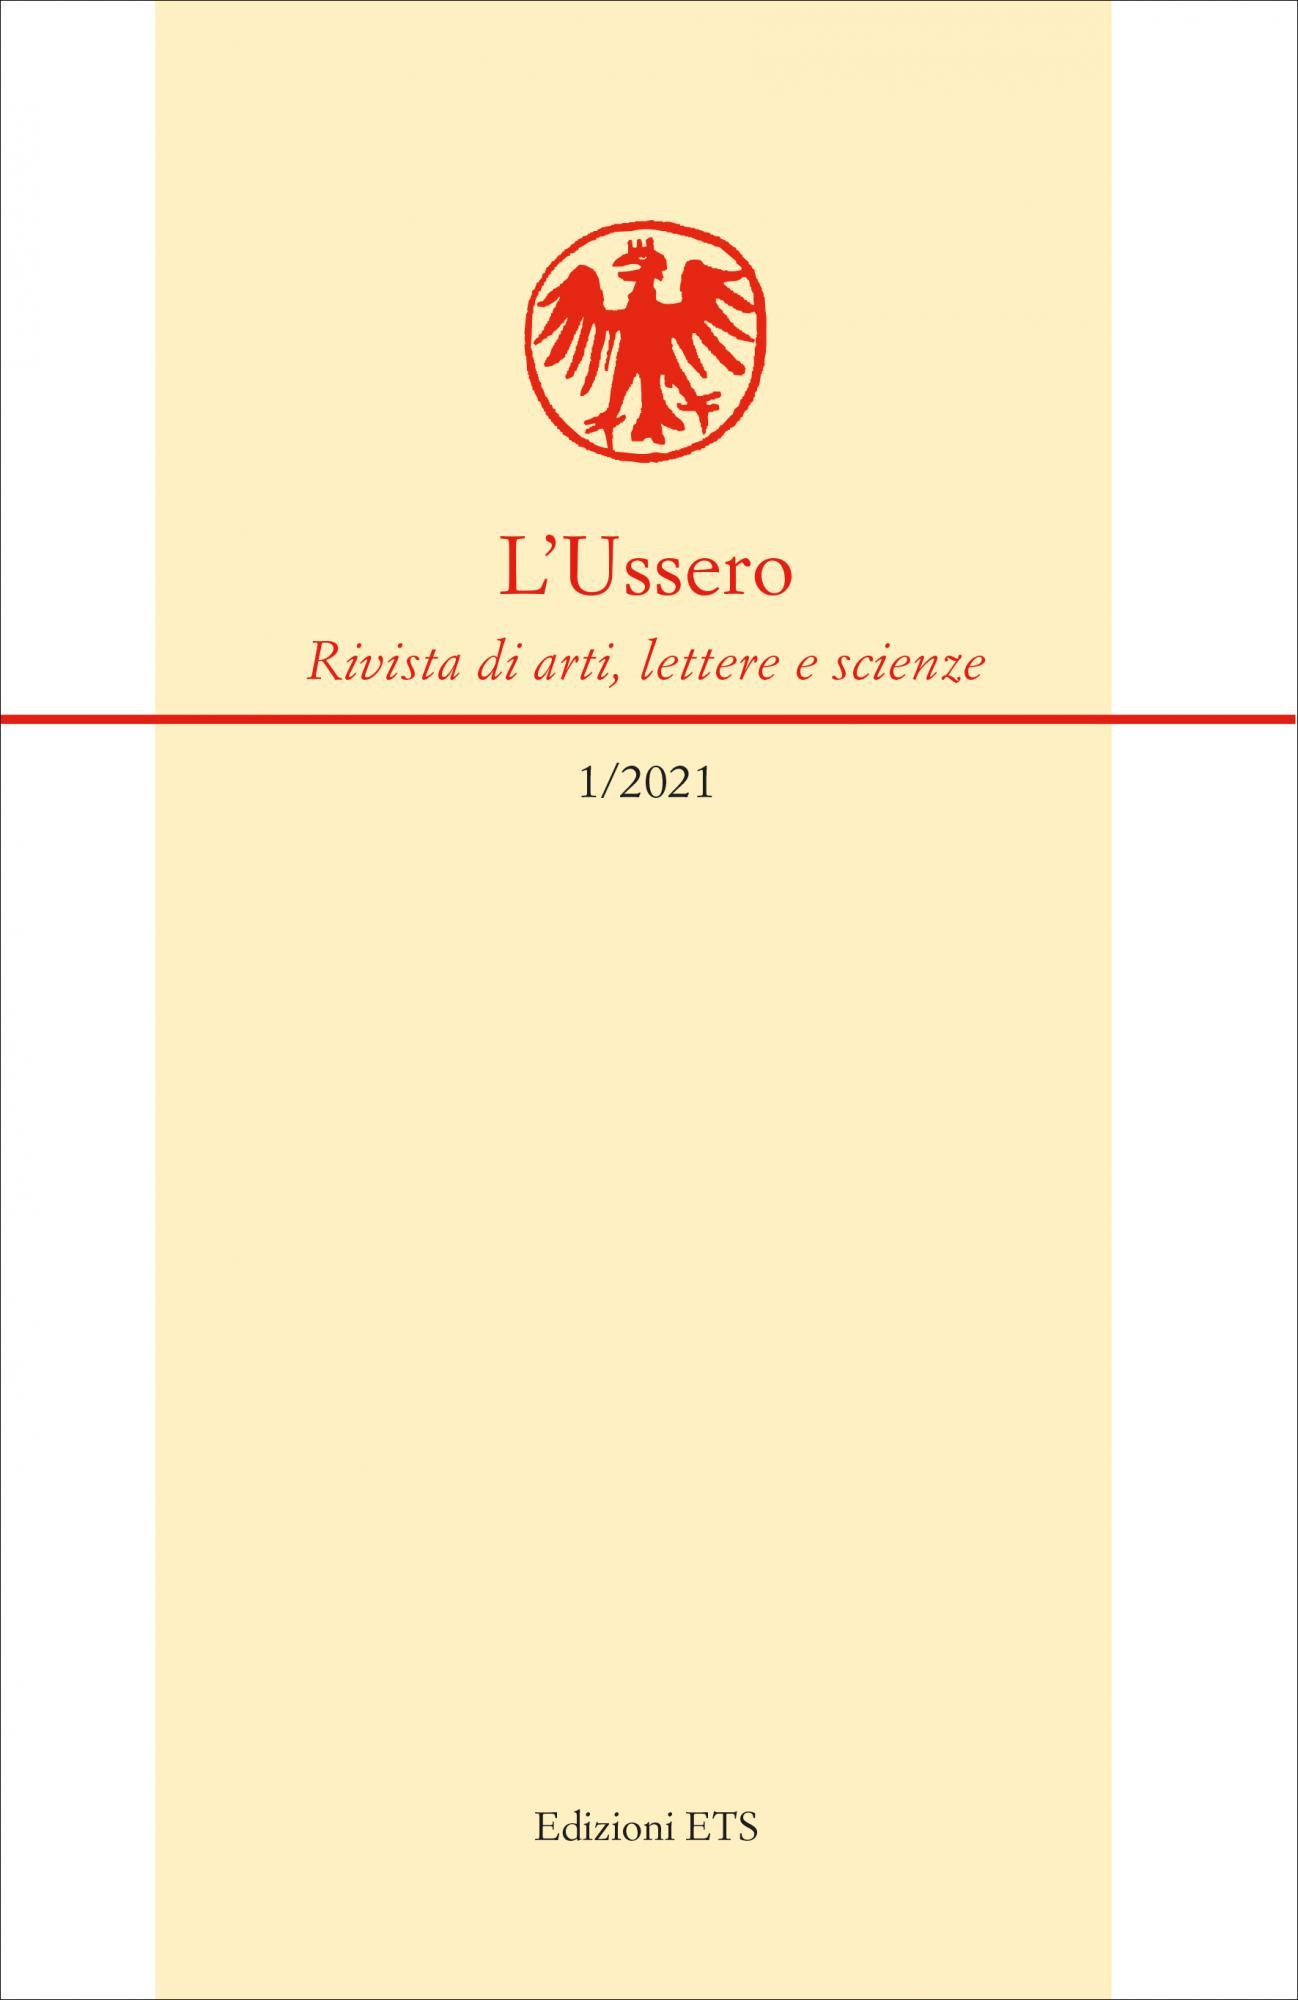 L'Ussero<br />Rivista di arti, lettere e scienze 1/2021